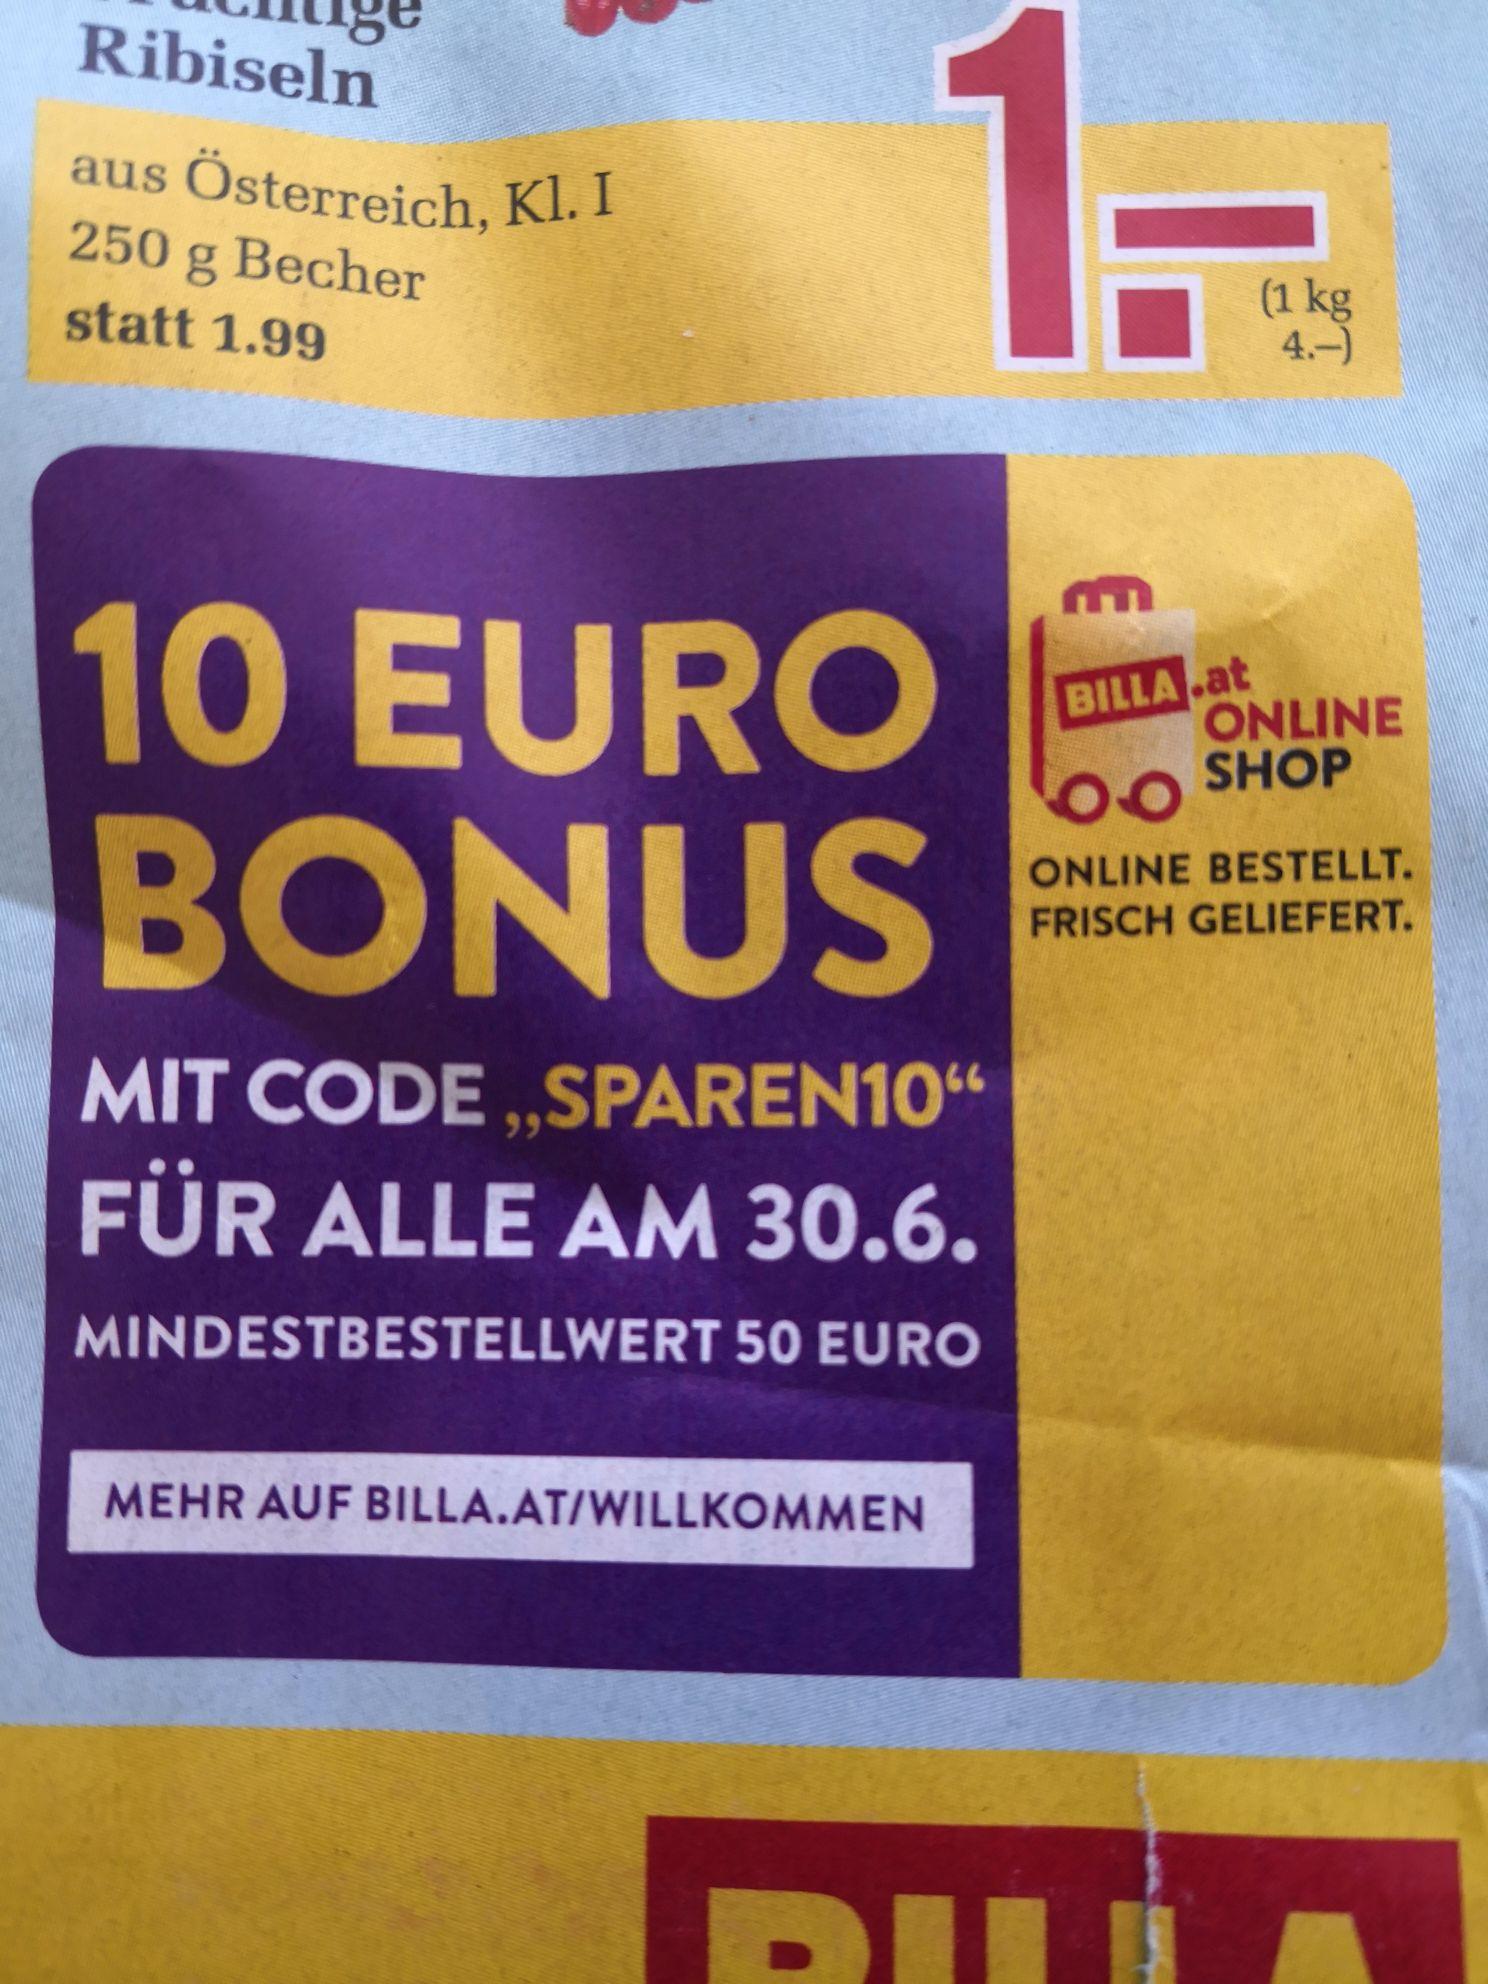 Nur heute im Billa Online Shop 10 Euro ab 50 Euro sparen